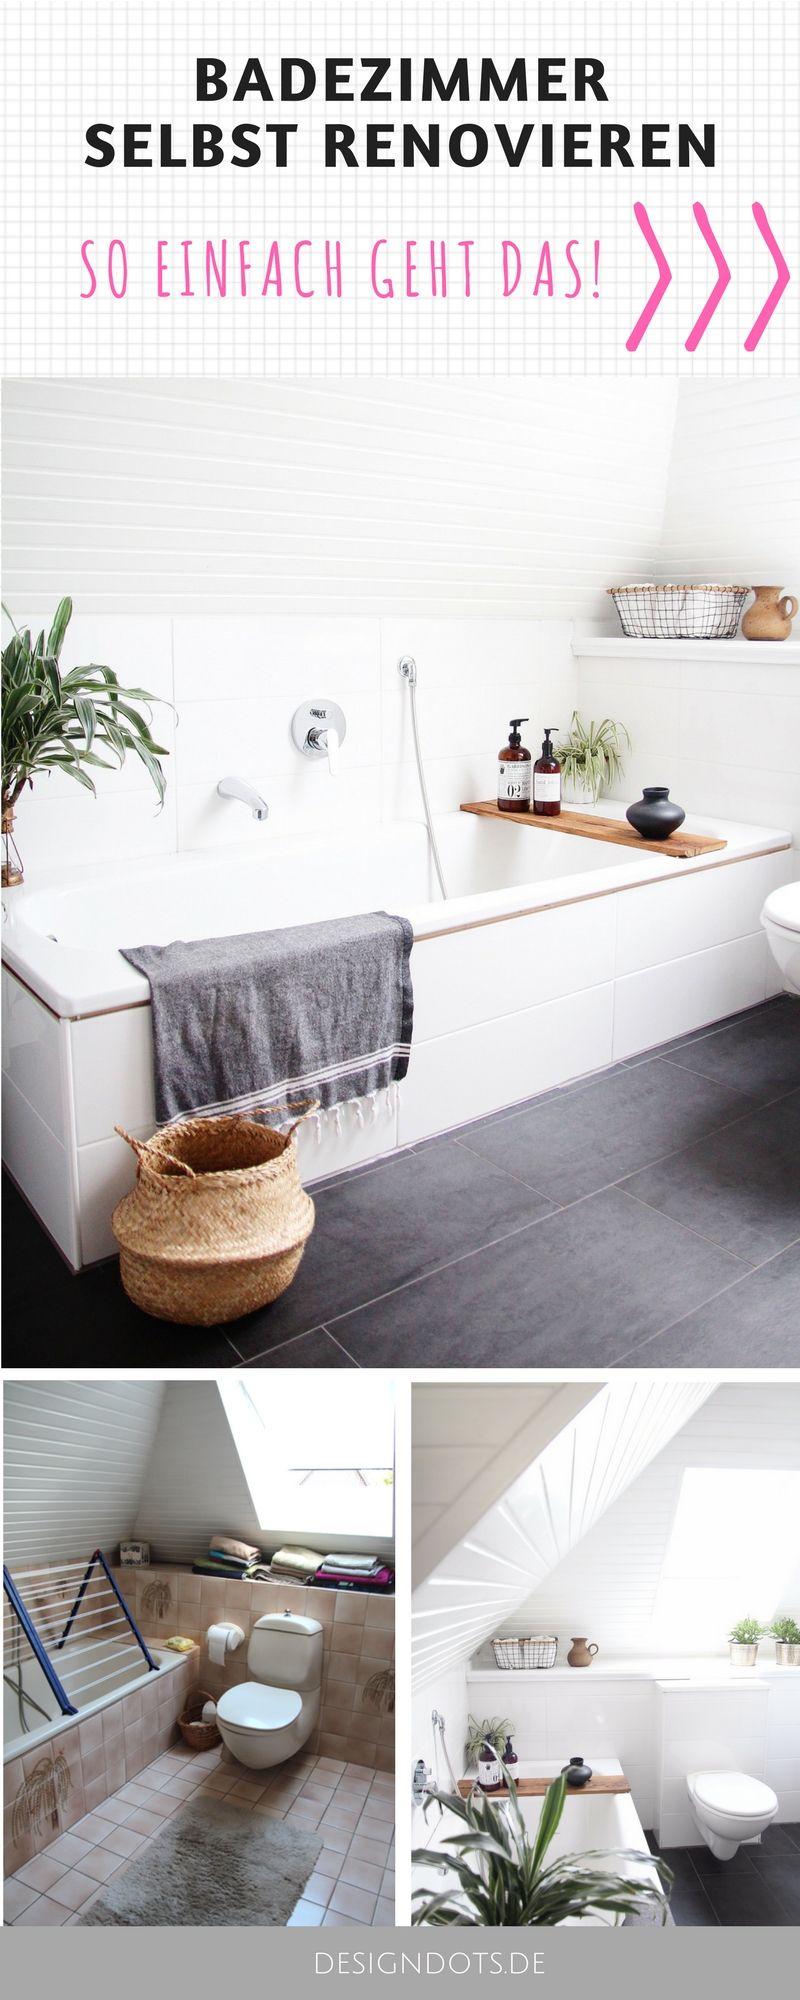 Badezimmer Selbst Renovieren Badezimmer Renovieren Badezimmer Bad Renovieren Kosten